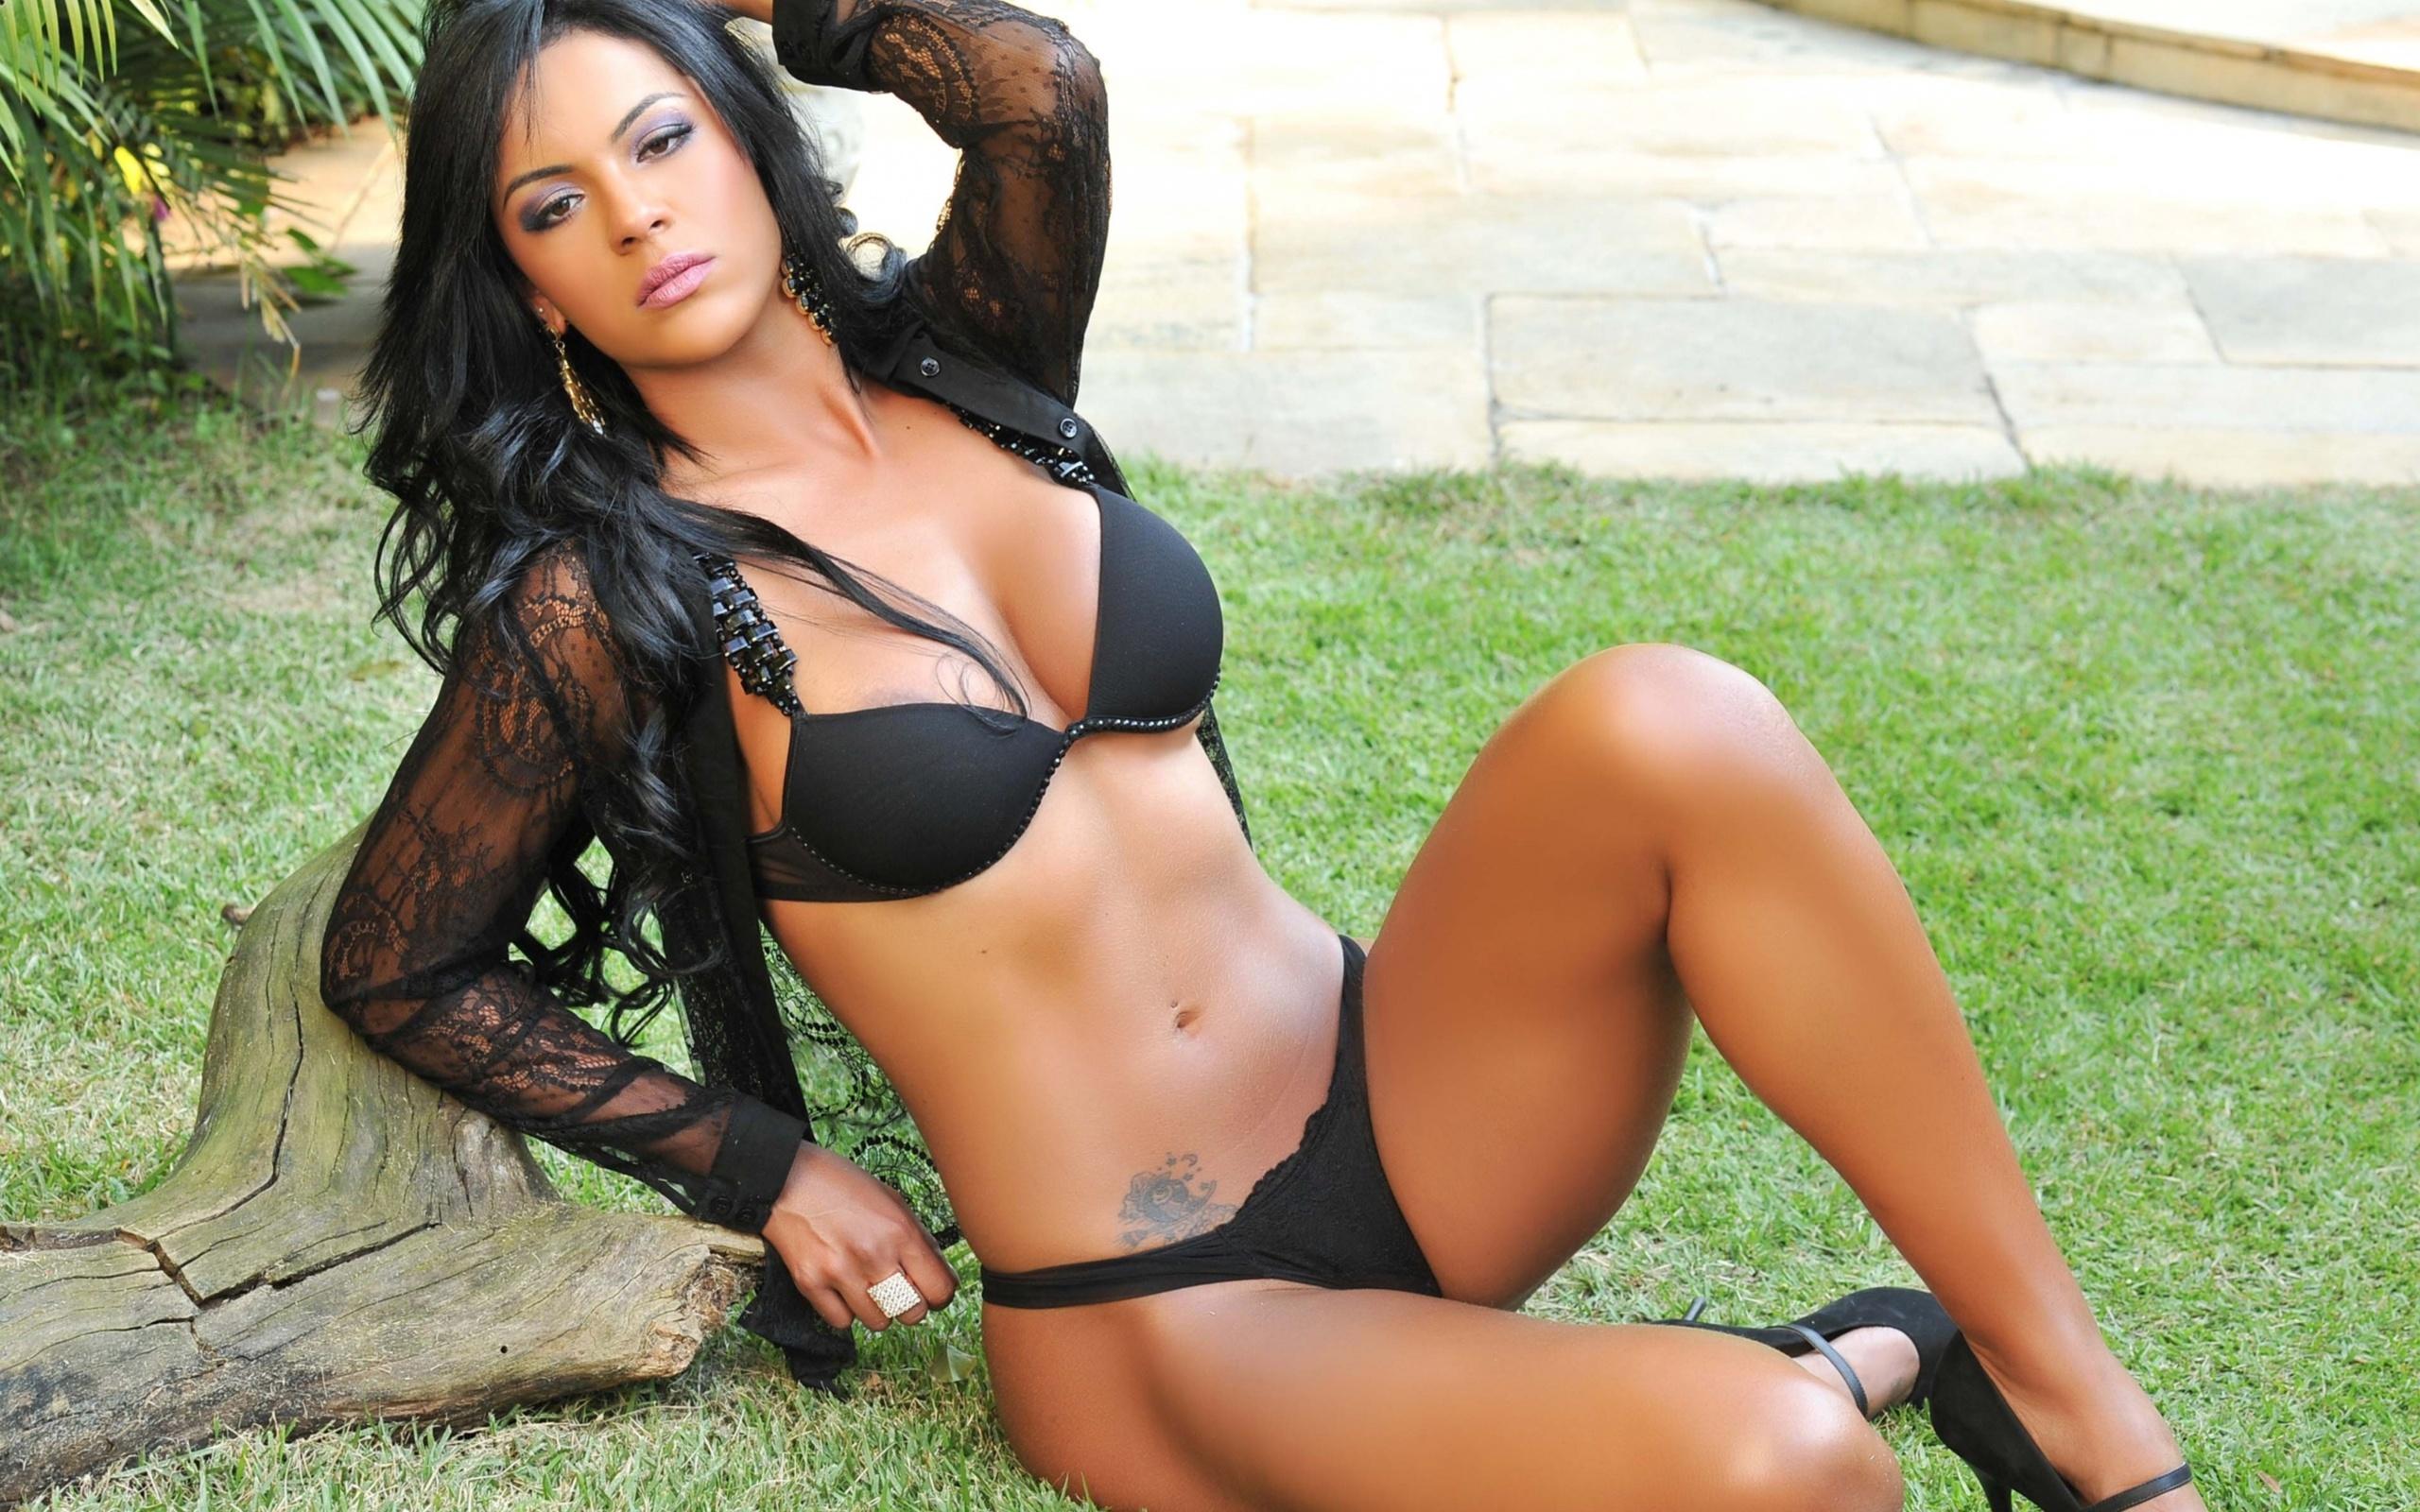 Латиноамериканские девушки видео, член аккуратно вводят в пизду